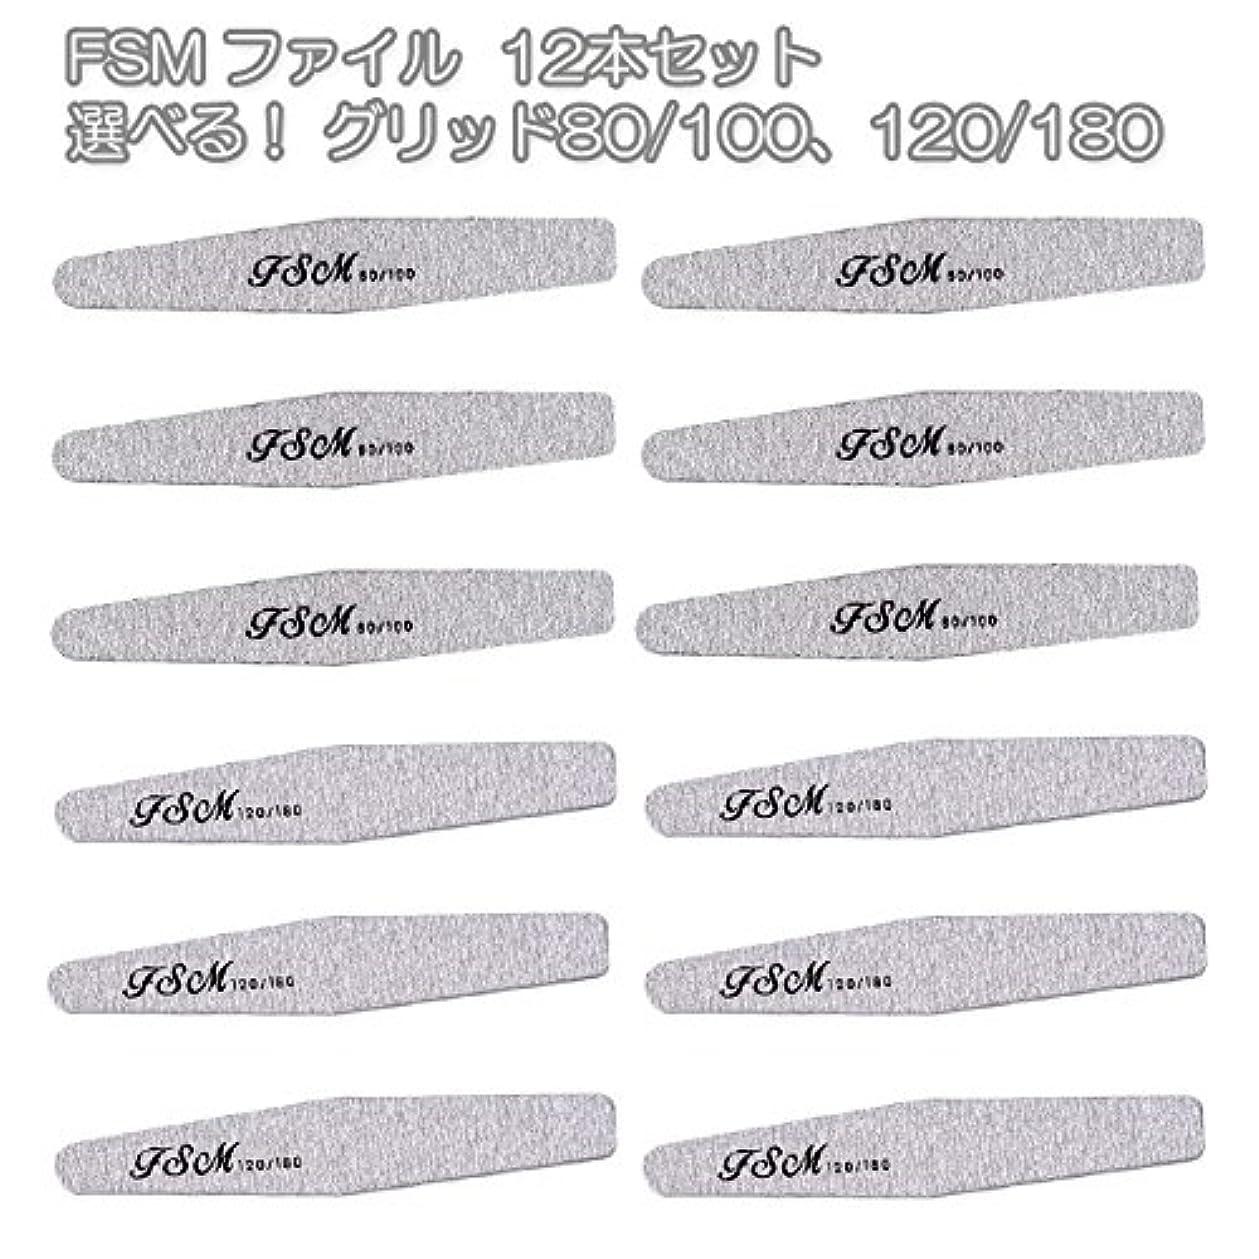 具体的にアフリカとしてFSM ネイルファイル/バッファー12本セット(選べる!グリッド80/100、120/180) (G120/180の12本)